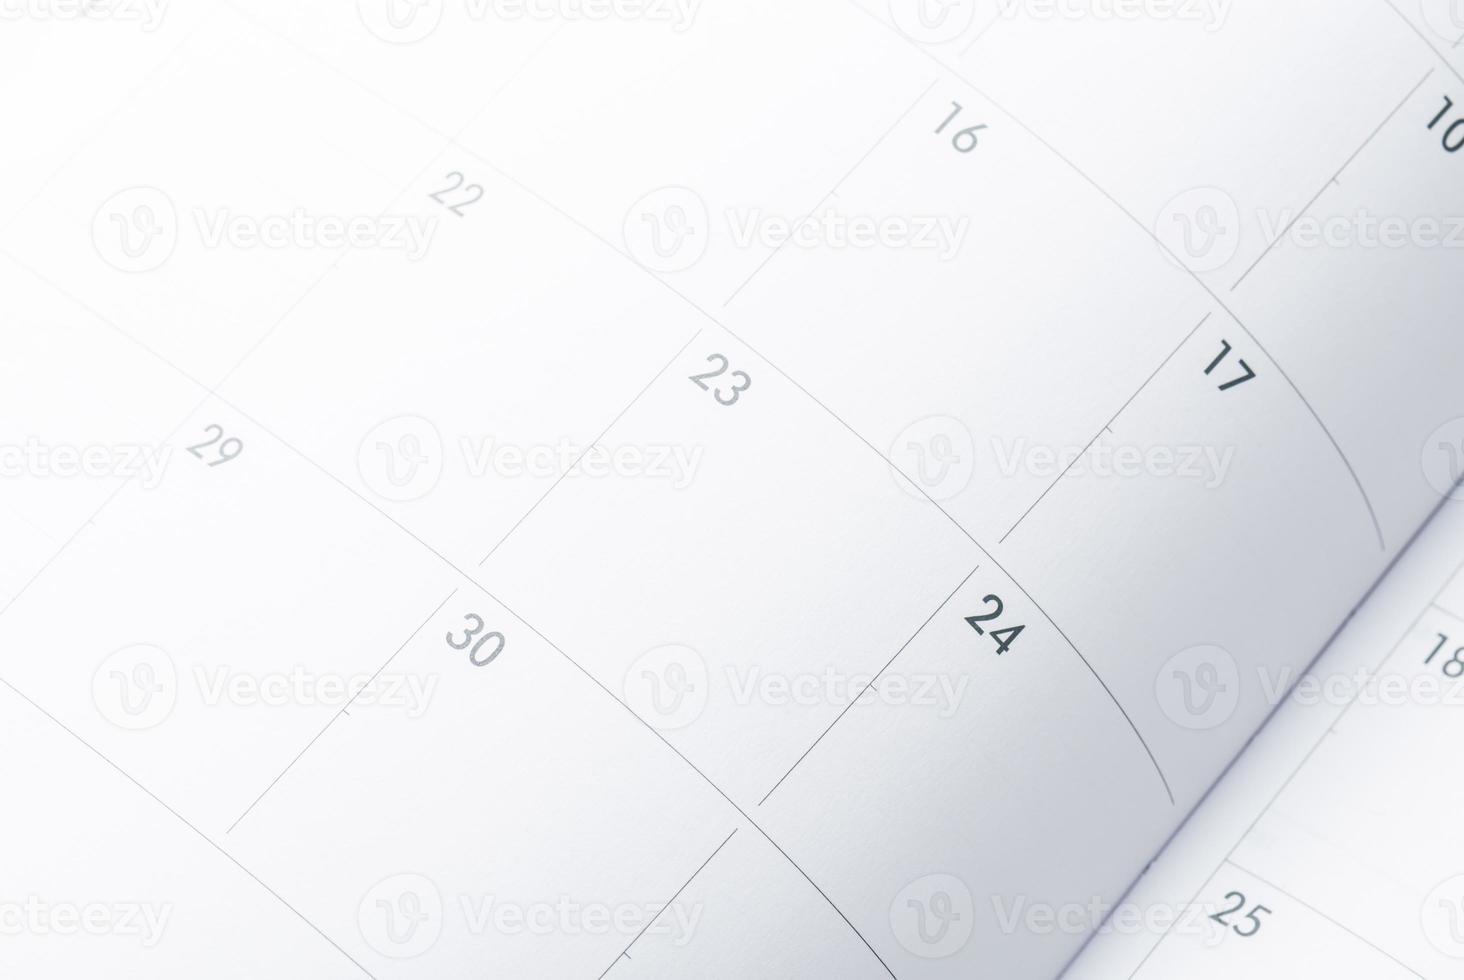 Kalender und Frist. foto